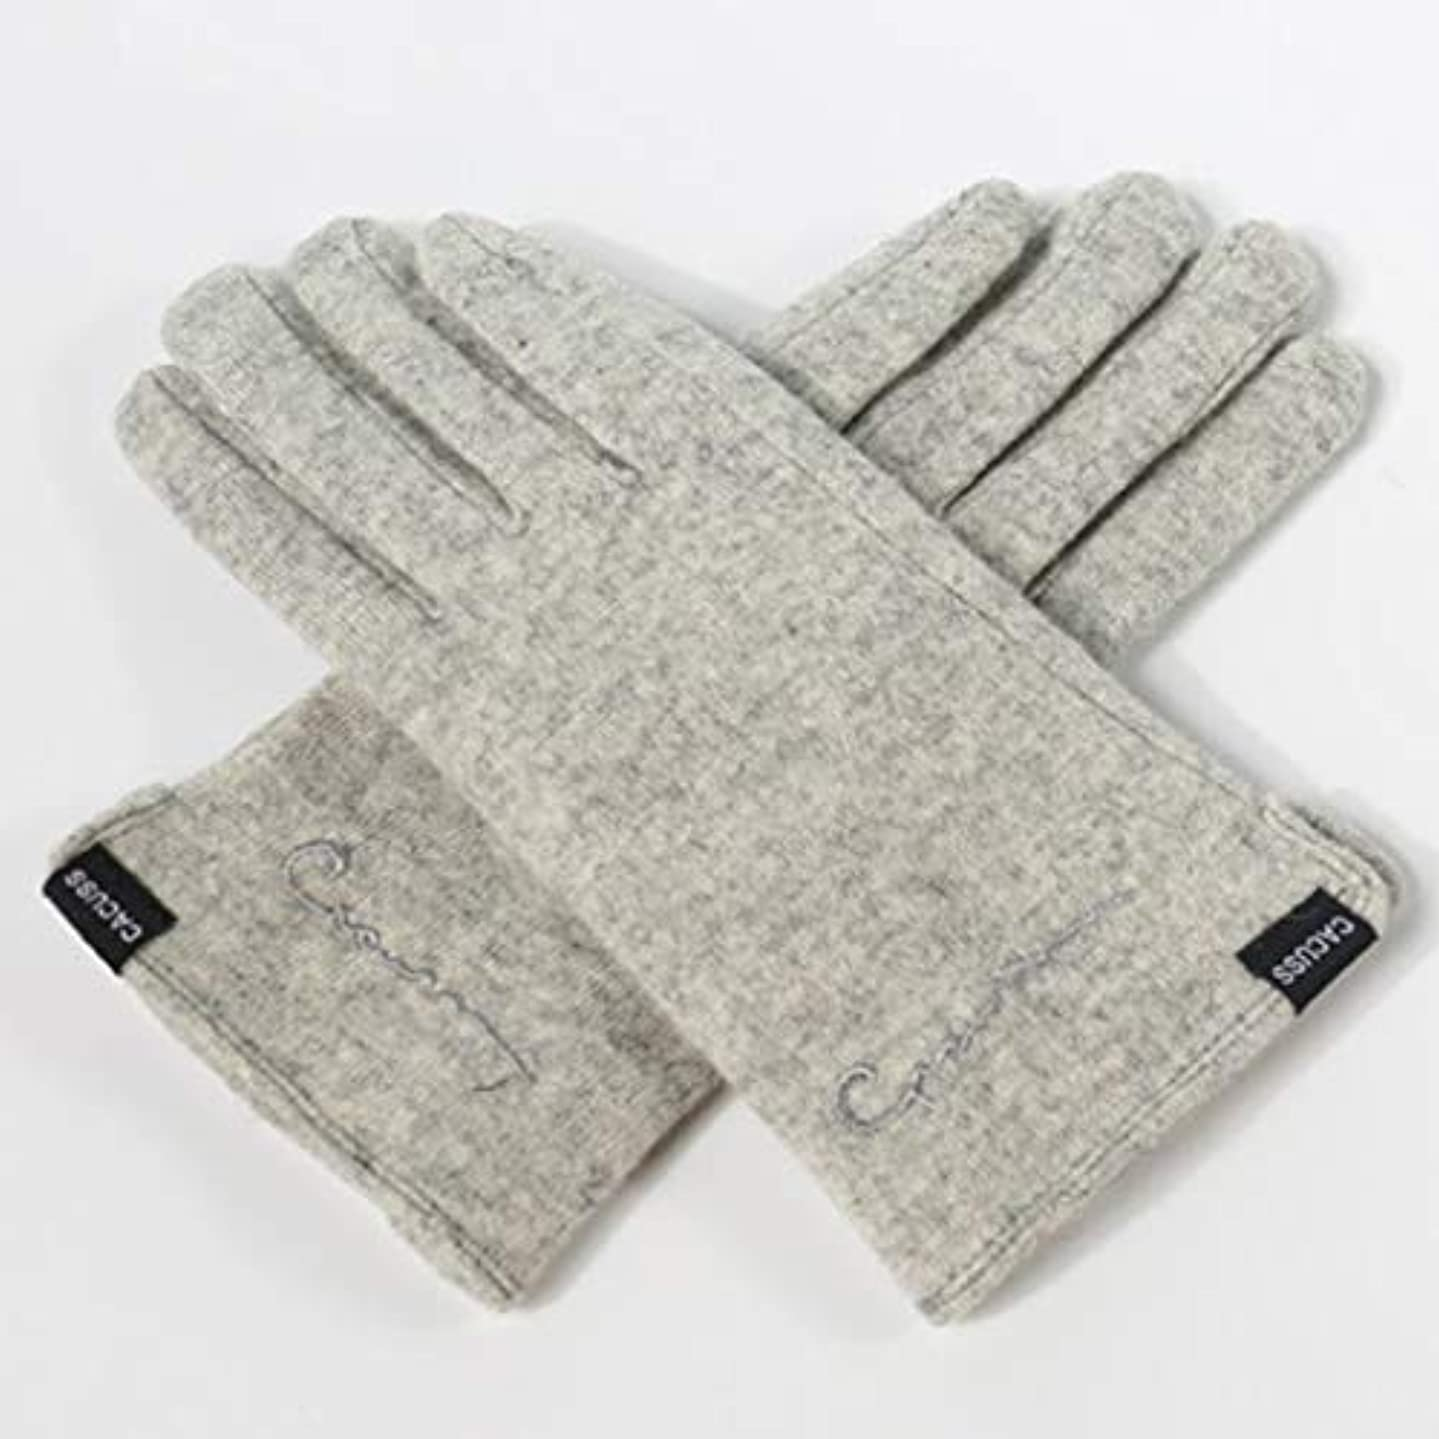 異形死傷者悪魔手袋女性の冬のタッチスクリーンのファッション暖かく快適なポイントは、乗馬を厚くする (色 : Gray)